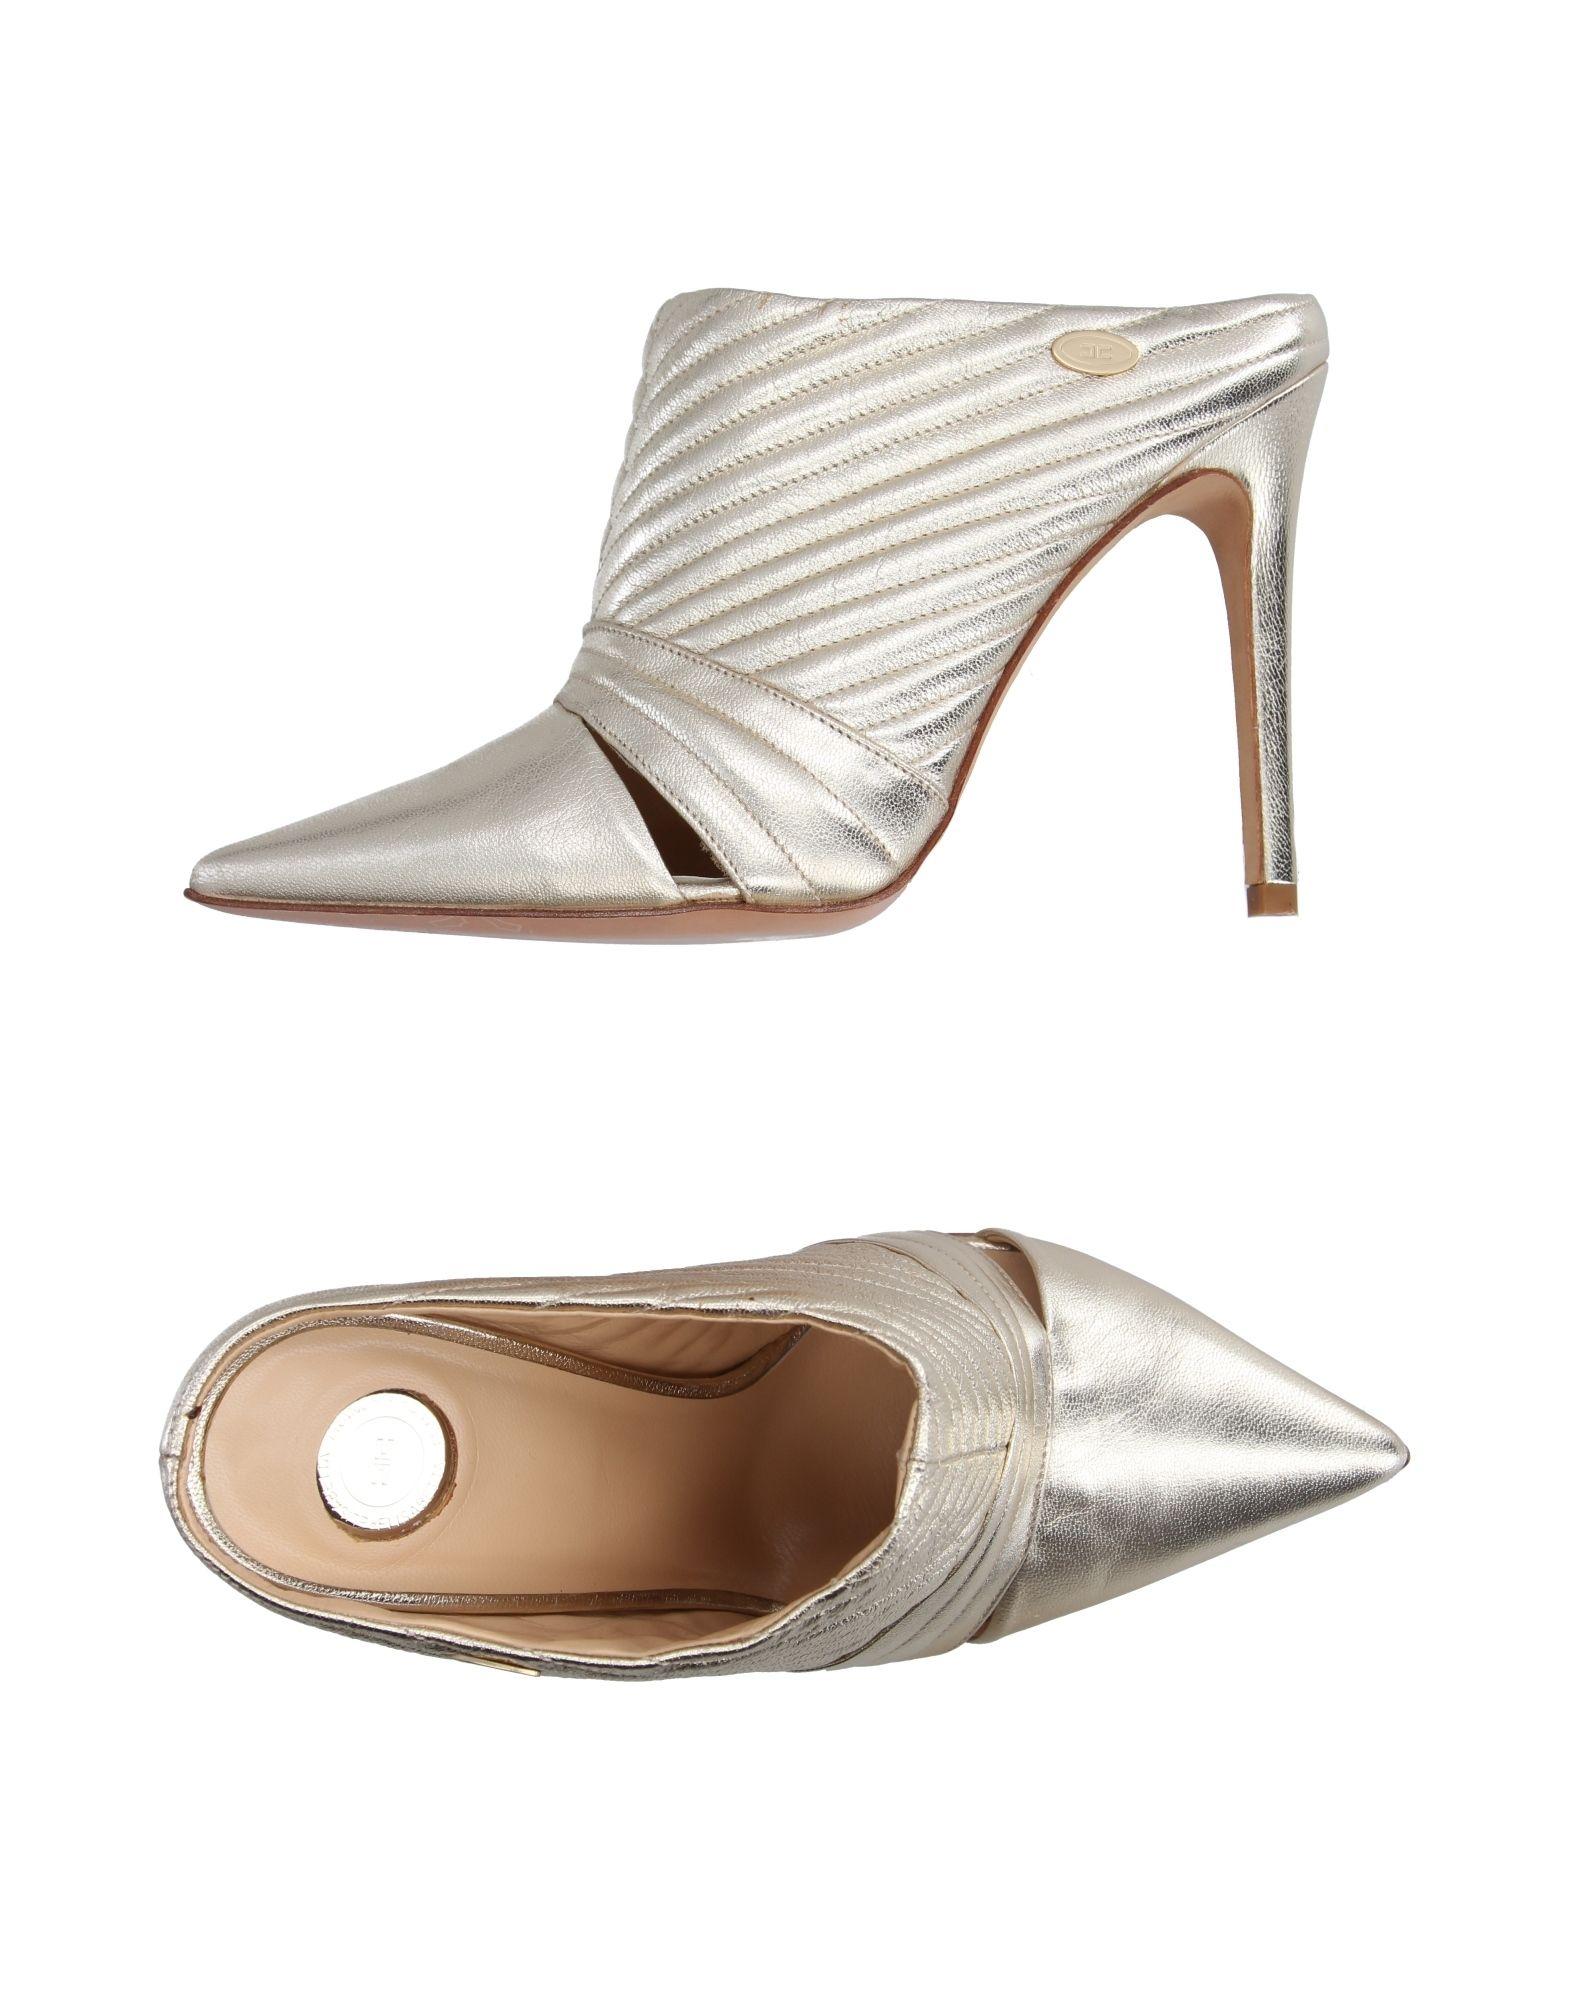 Elisabetta Franchi Pantoletten aussehende Damen  11184074VHGut aussehende Pantoletten strapazierfähige Schuhe 4476d6